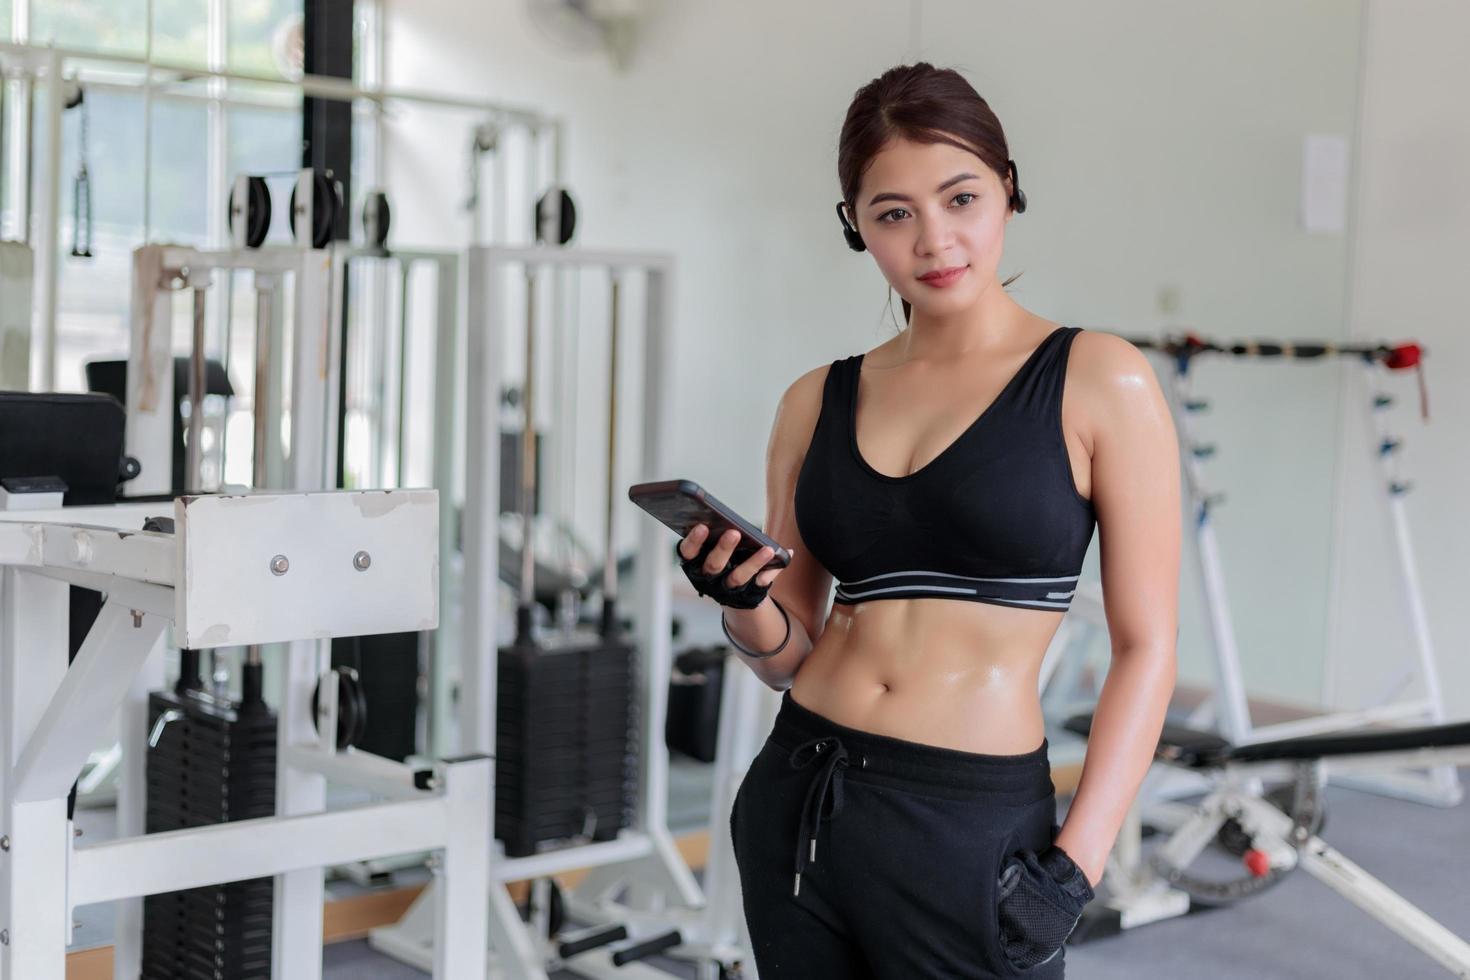 Aziatische vrouwelijke atleet in de sportschool foto